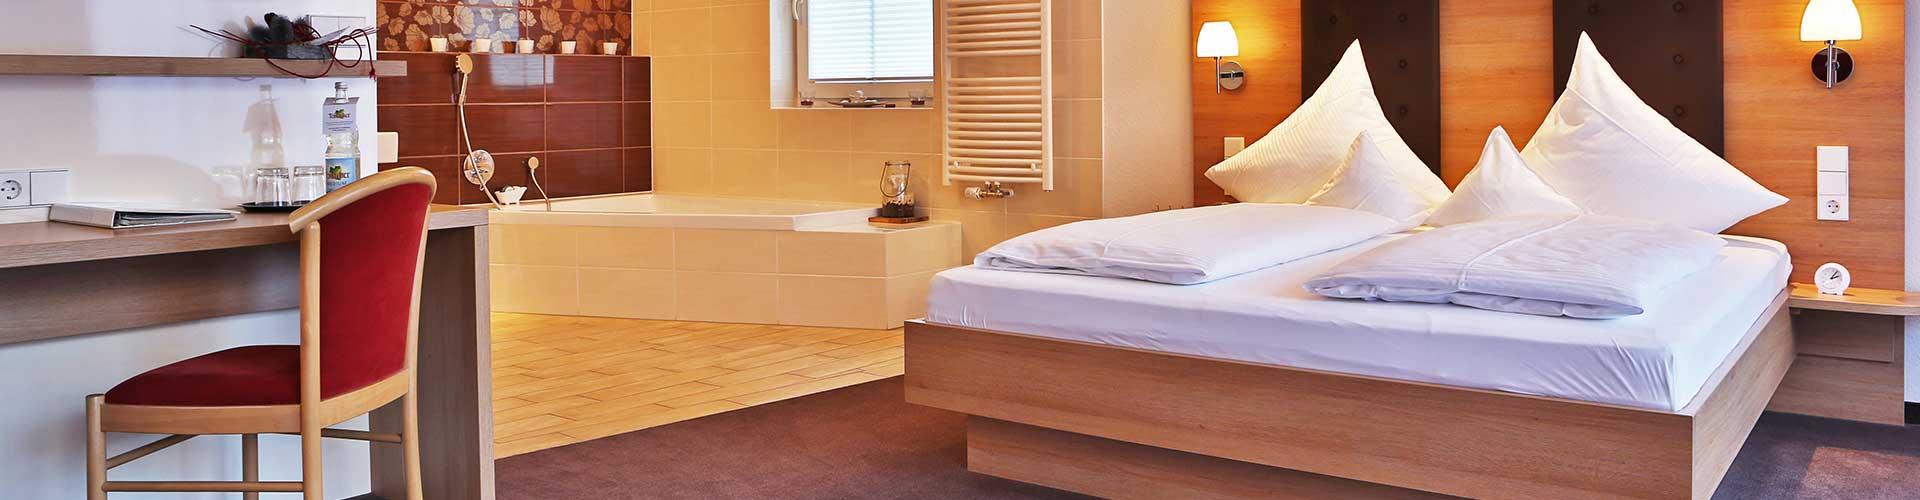 Hotel Rössle Berneck: Unsere Zimmer für Ihre Übernachtung